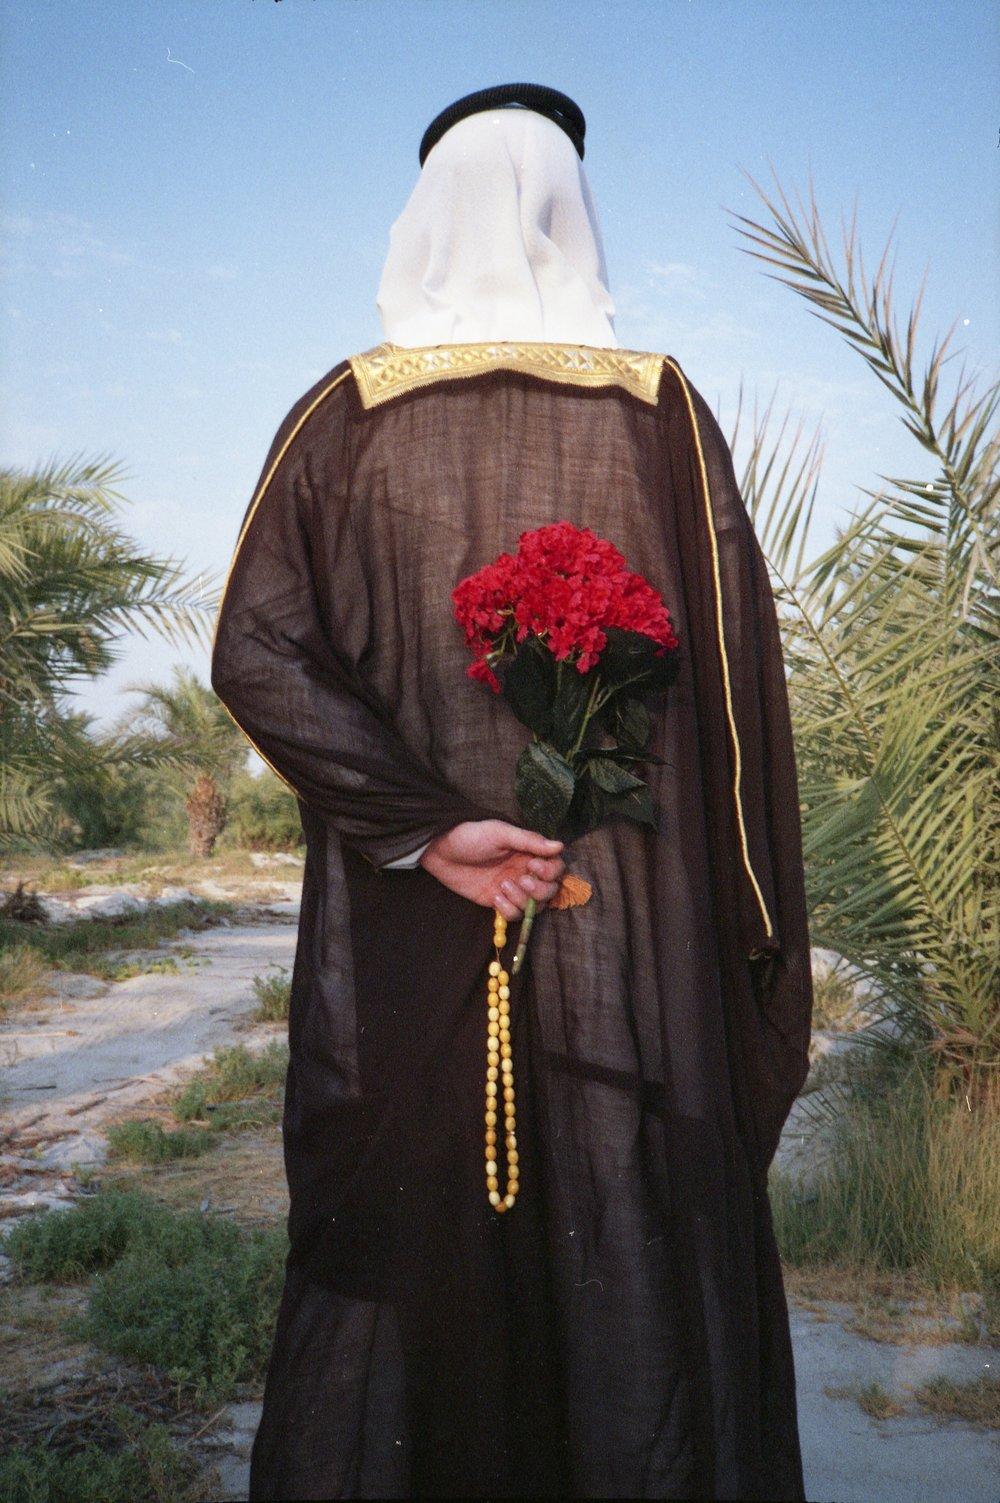 <b>Ali Al Shehabi</b></br><i>Melancholy in the Gulf</i> series</br>Photograph</br>16.5 x 11.7 in (A3)</br>$400.00